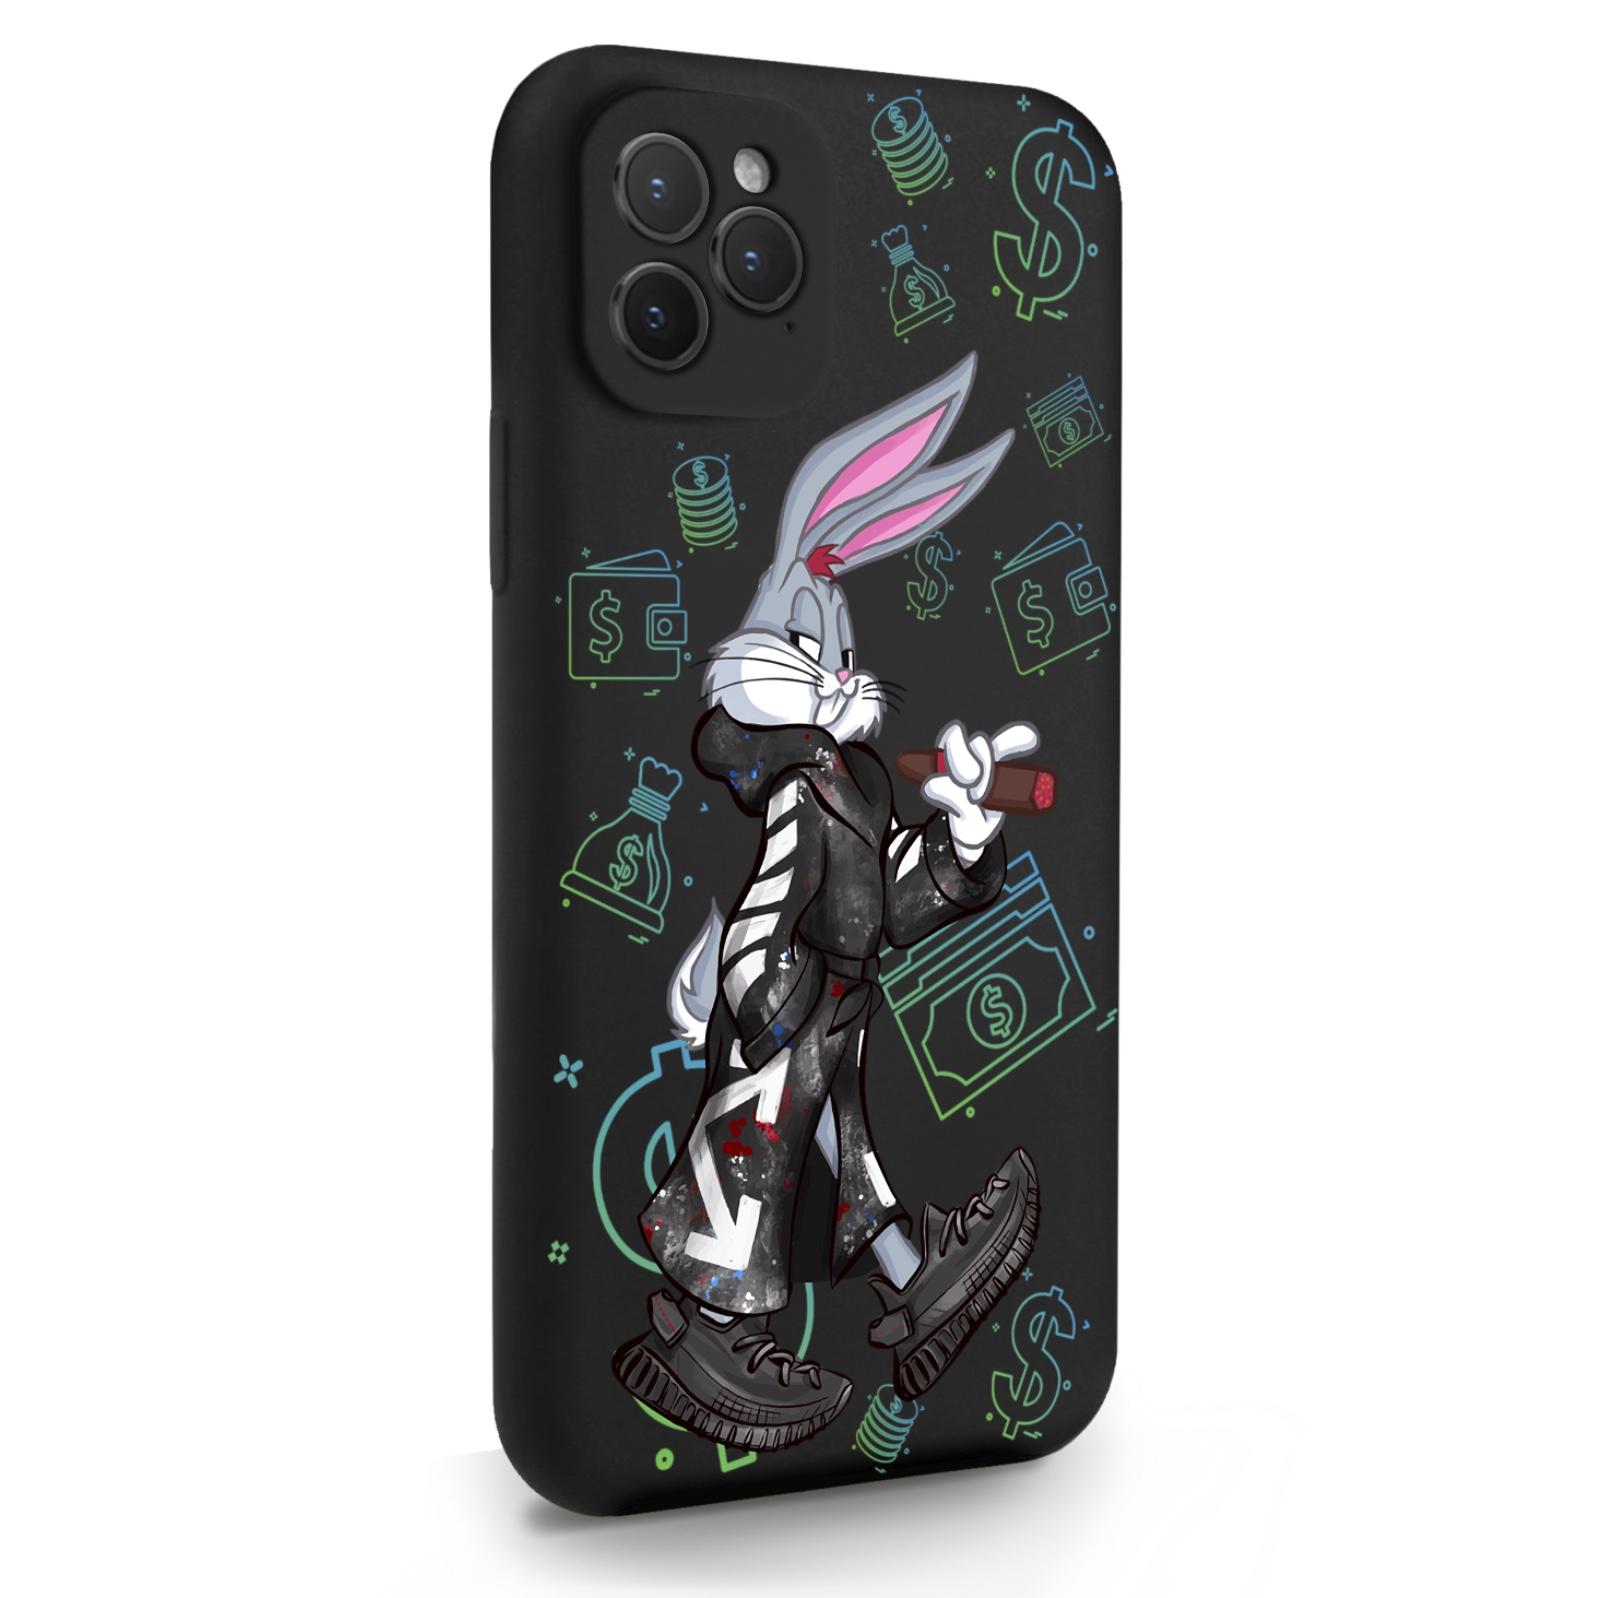 Черный силиконовый чехол для iPhone 11 Pro Mr. Rich Bunny Neon/ Мистер Богатый Заяц Неон для Айфон 11 Про